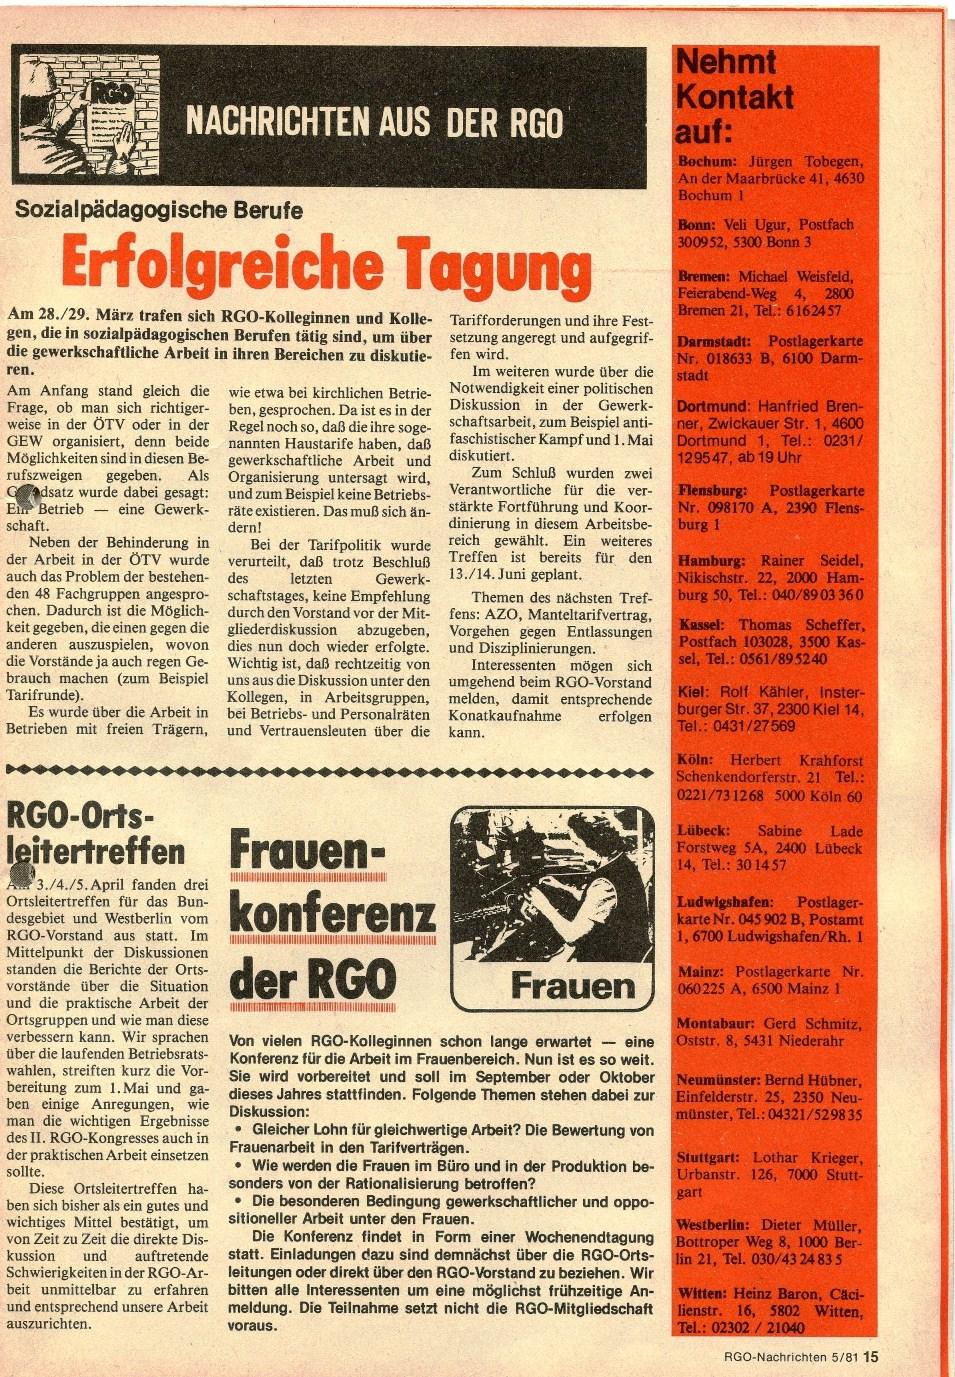 RGO_RGO_Nachrichten_1981_05_15